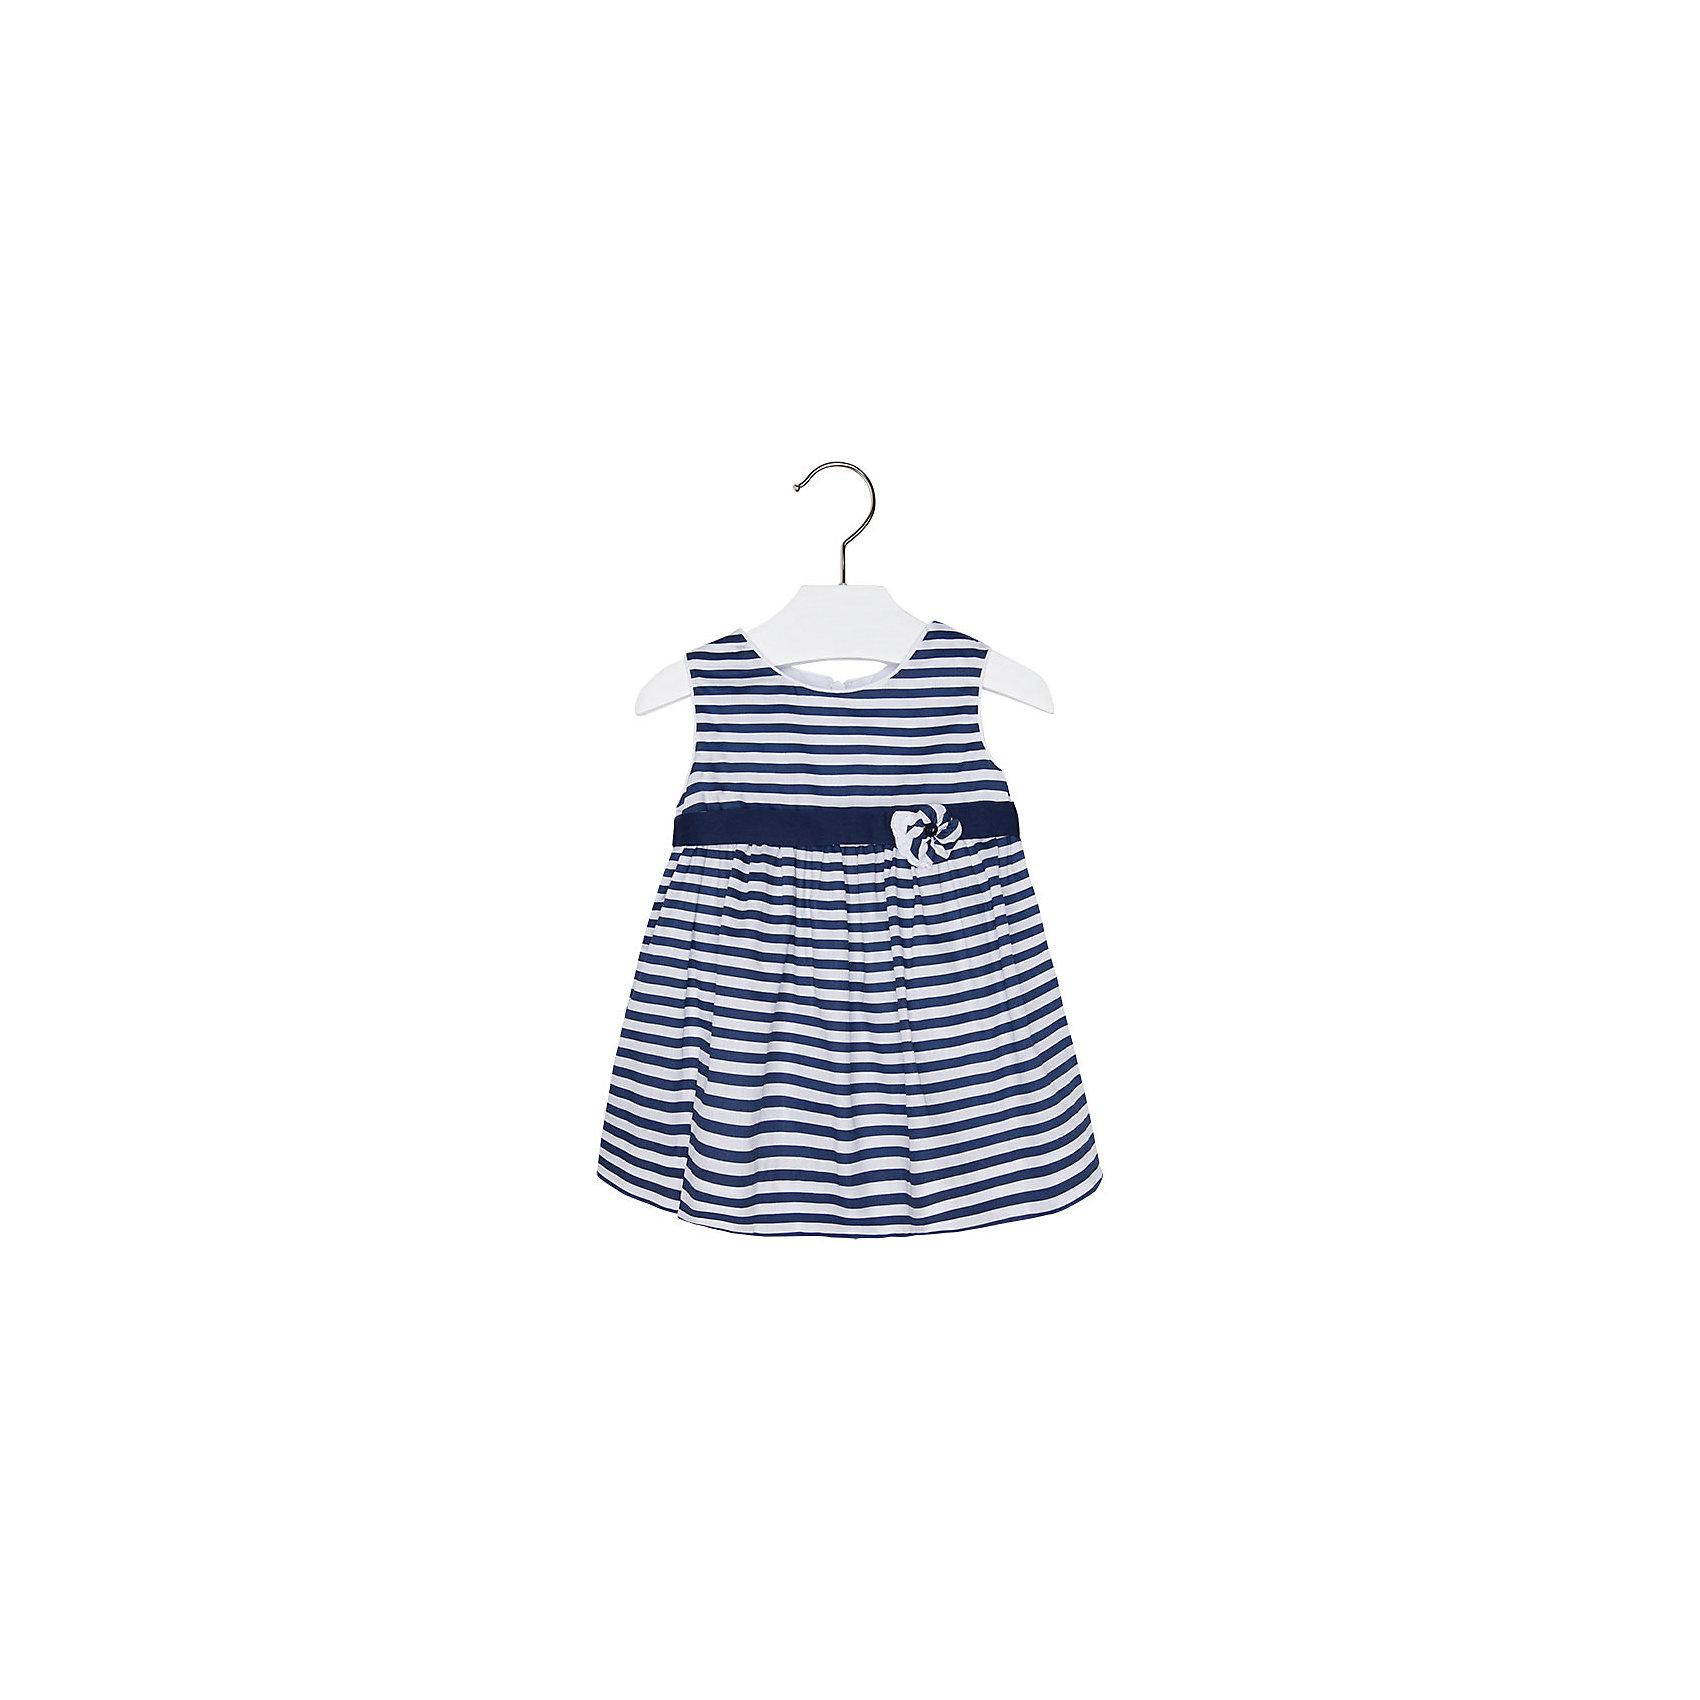 Платье для девочки MayoralОдежда<br>Очаровательное платье для девочки от известной испанской марки Mayoral - прекрасный вариант для теплой погоды. <br><br>Дополнительная информация:<br><br>- Мягкая, приятная к телу ткань. <br>- Округлый вырез горловины.<br>- В контрастную полоску.<br>- Цветок на груди. <br>- Застегивается на молнию и пуговицы на спине. <br>- Состав: верх - 100 % хлопок; подкладка - 35% хлопок, 65 % полиэстер.<br><br>Платье для девочки Mayoral (Майорал) можно купить в нашем магазине.<br><br>Ширина мм: 236<br>Глубина мм: 16<br>Высота мм: 184<br>Вес г: 177<br>Цвет: синий<br>Возраст от месяцев: 9<br>Возраст до месяцев: 12<br>Пол: Женский<br>Возраст: Детский<br>Размер: 80,92,86,74<br>SKU: 4538051